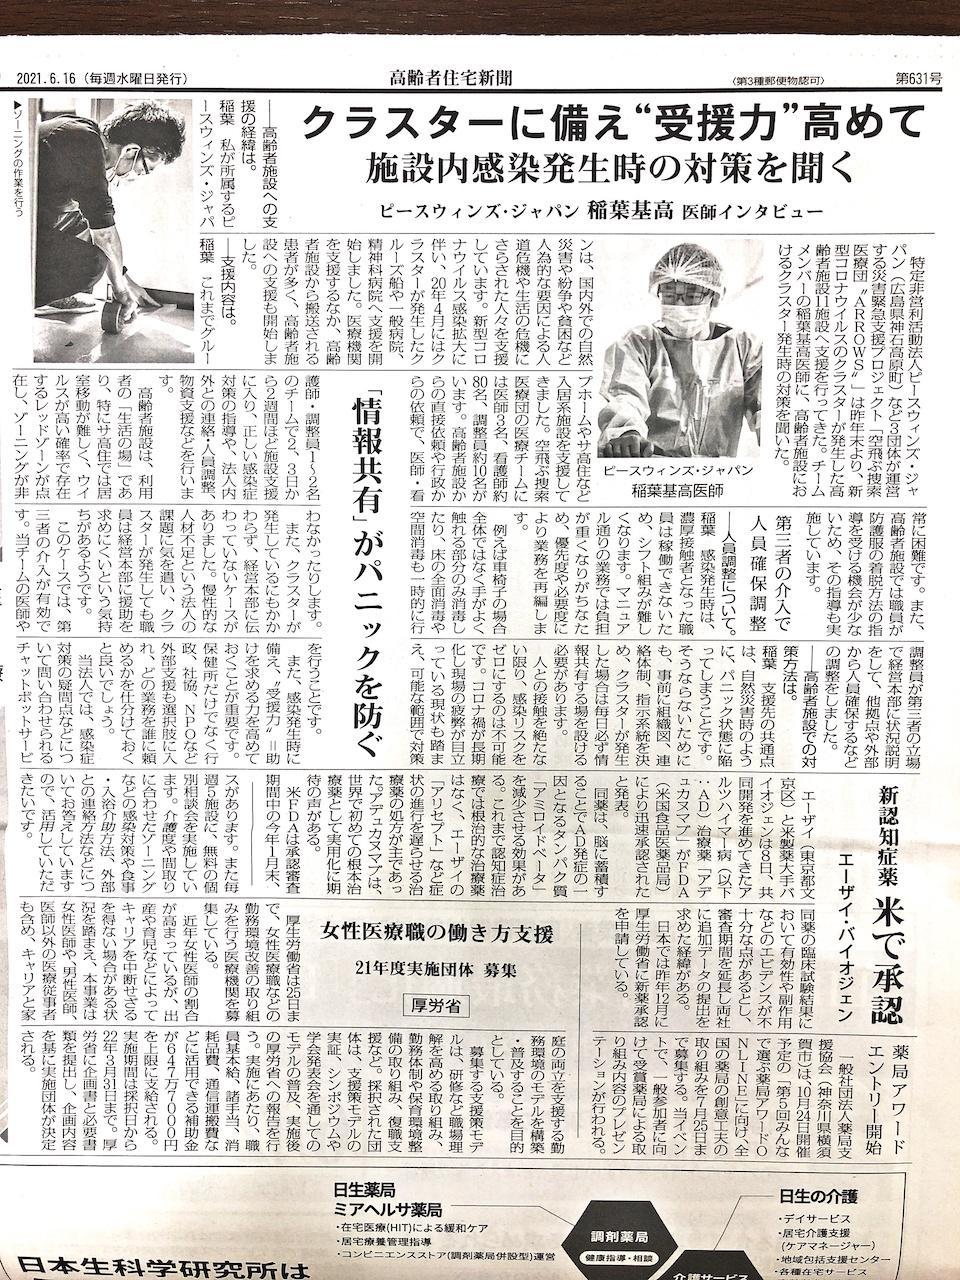 【メディア掲載】高齢者住宅新聞に稲葉医師のインタビューが掲載されました。